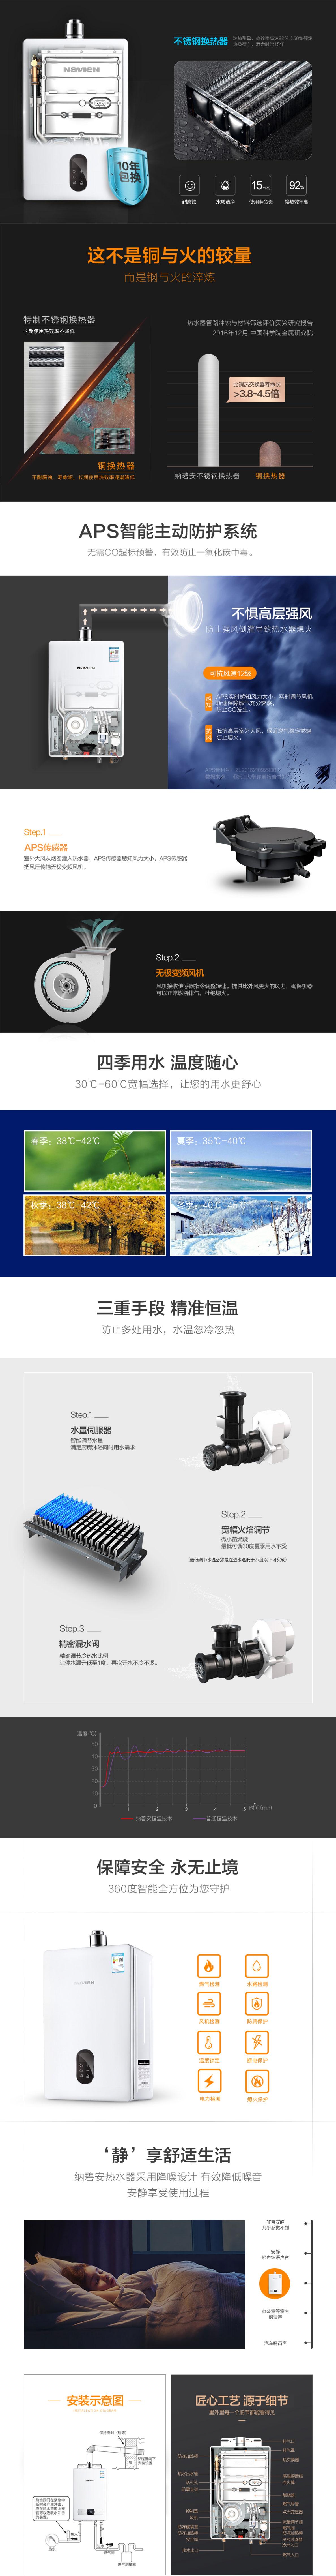 庆东纳碧安燃气热水器